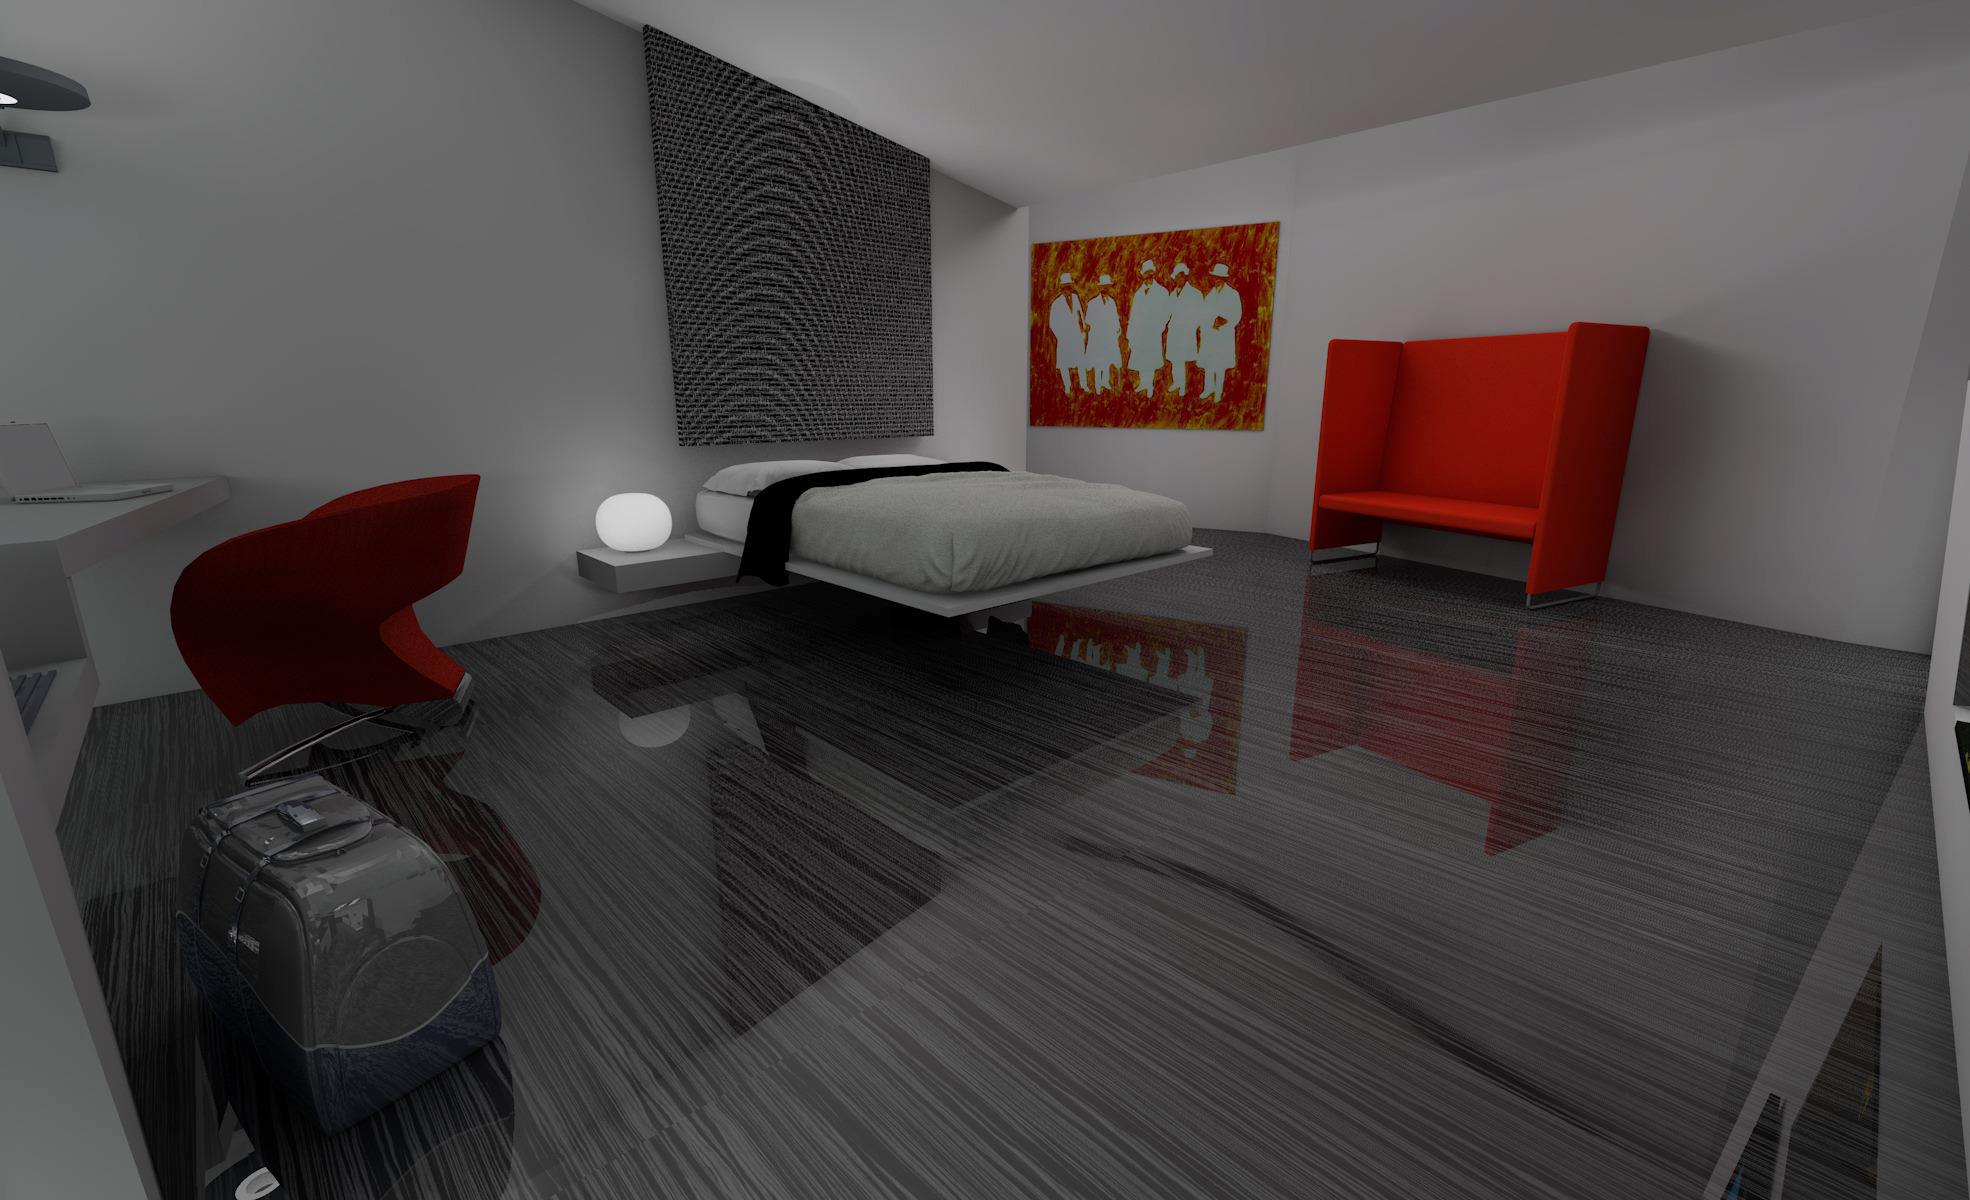 Arredamento casa idee e tendenze di arredamento for Riviste arredamento casa